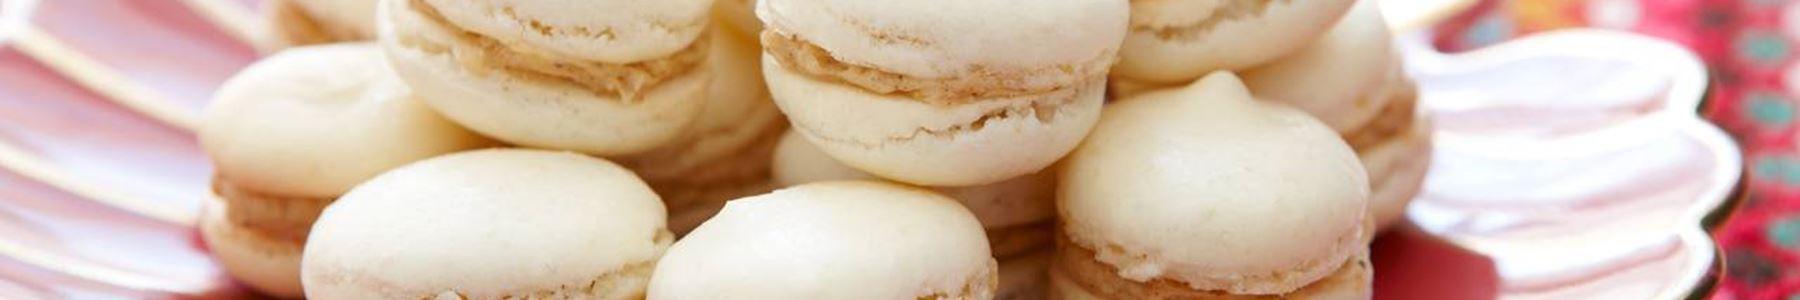 Mandel + Jul + Macarons